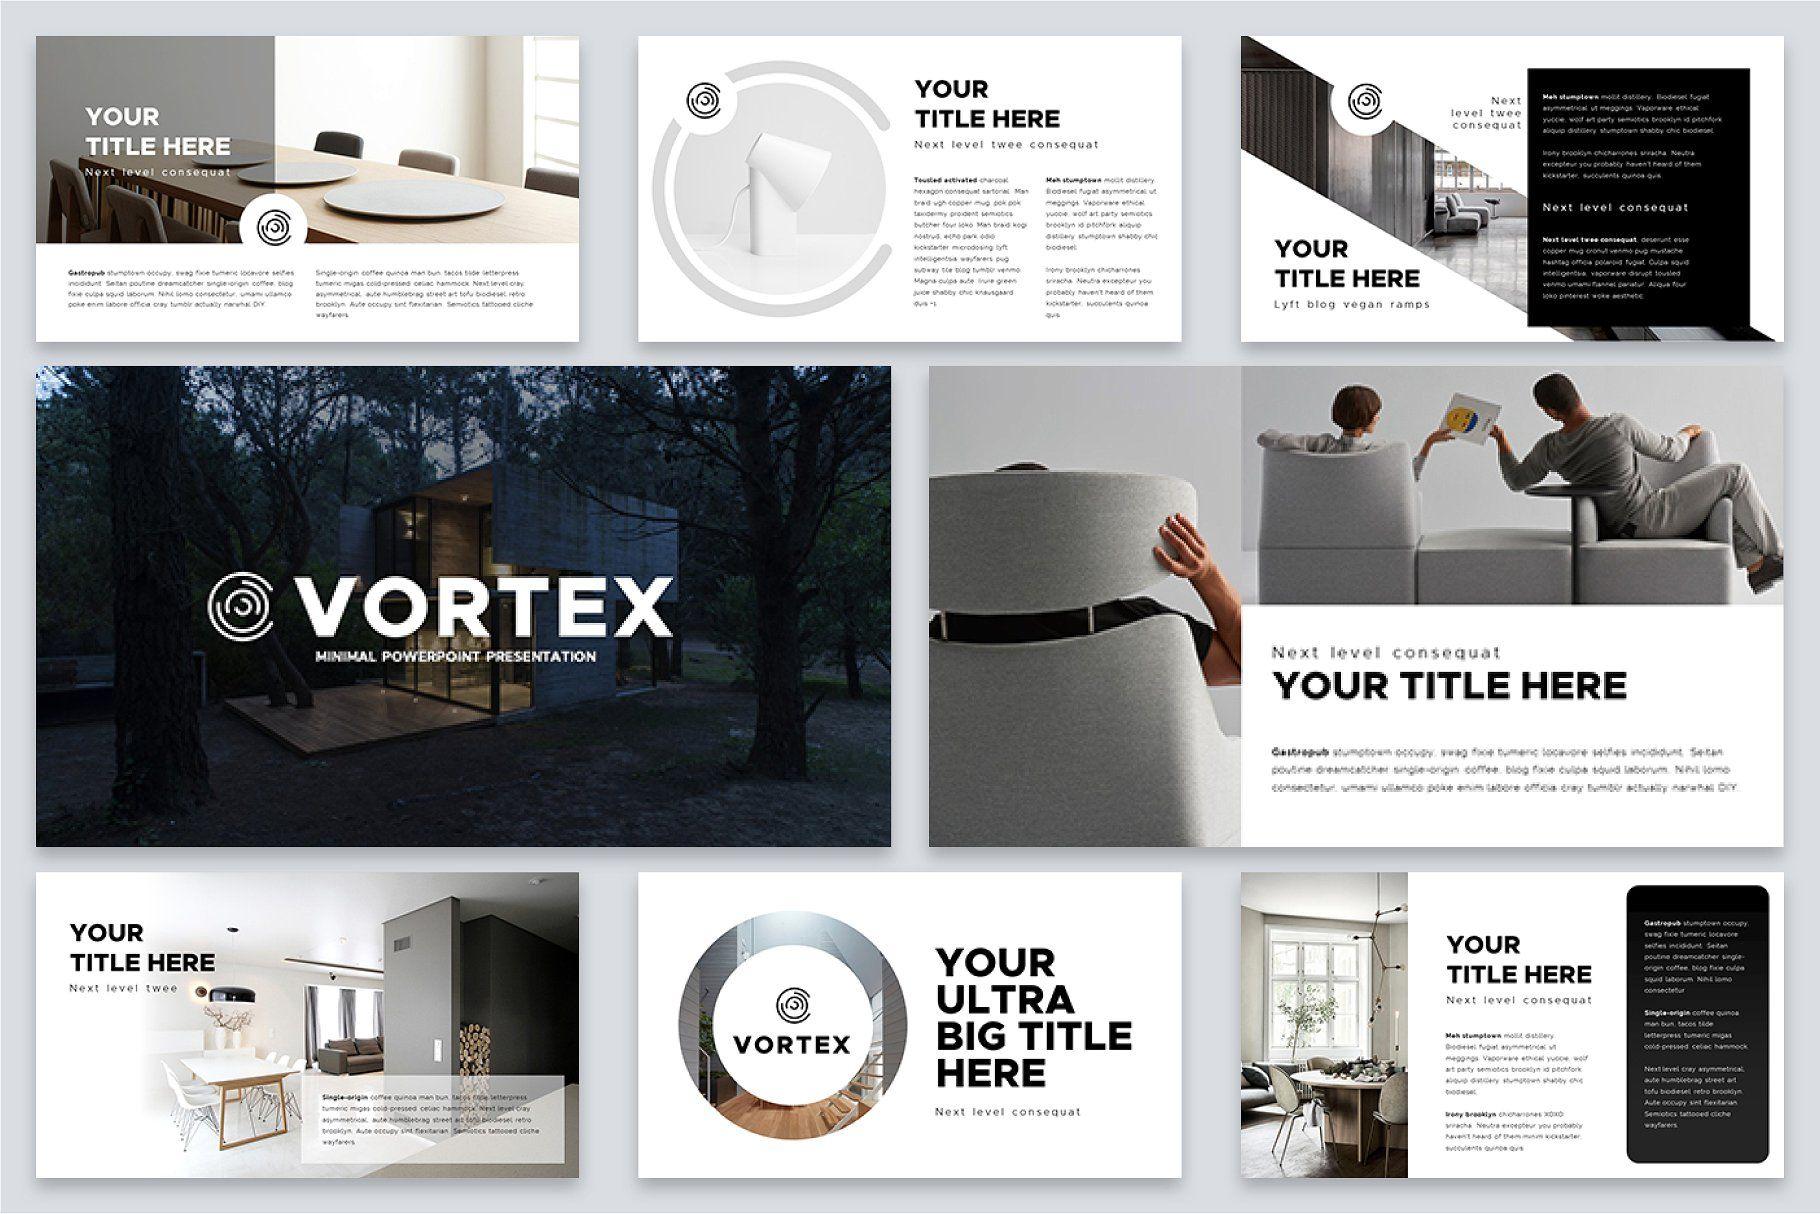 Vortex Minimal Powerpoint Template Powerpoint templates